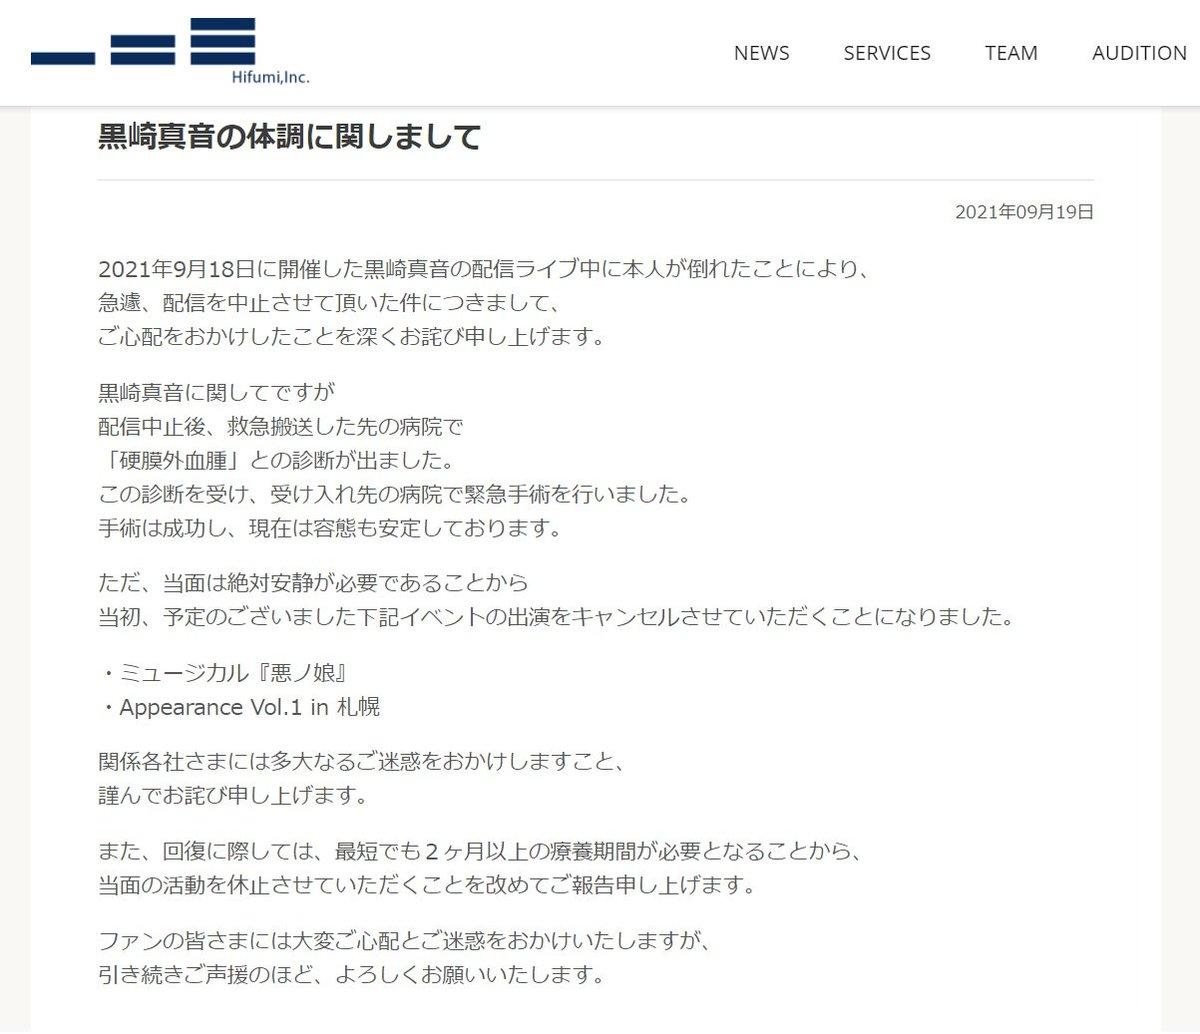 黒崎真音Info&Newsさんの投稿画像